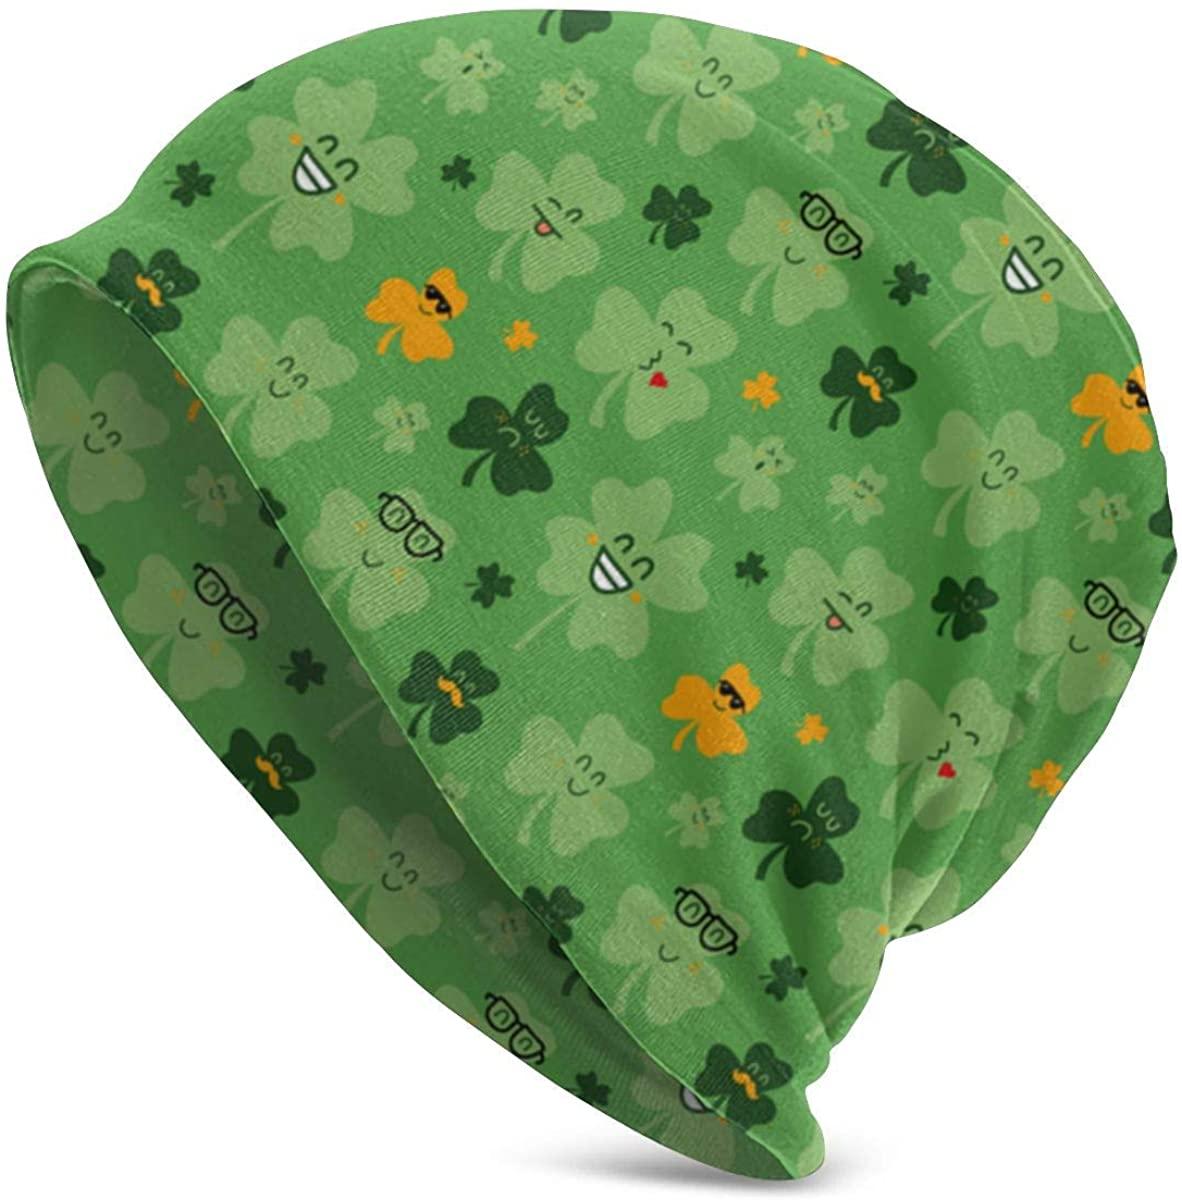 Shamrock Good Luck Clover St Patrick Green Beanie Men Women - Unisex Winter Summer Warm Cuffed Plain Slouchy Skull Daily Knit Hat Cap